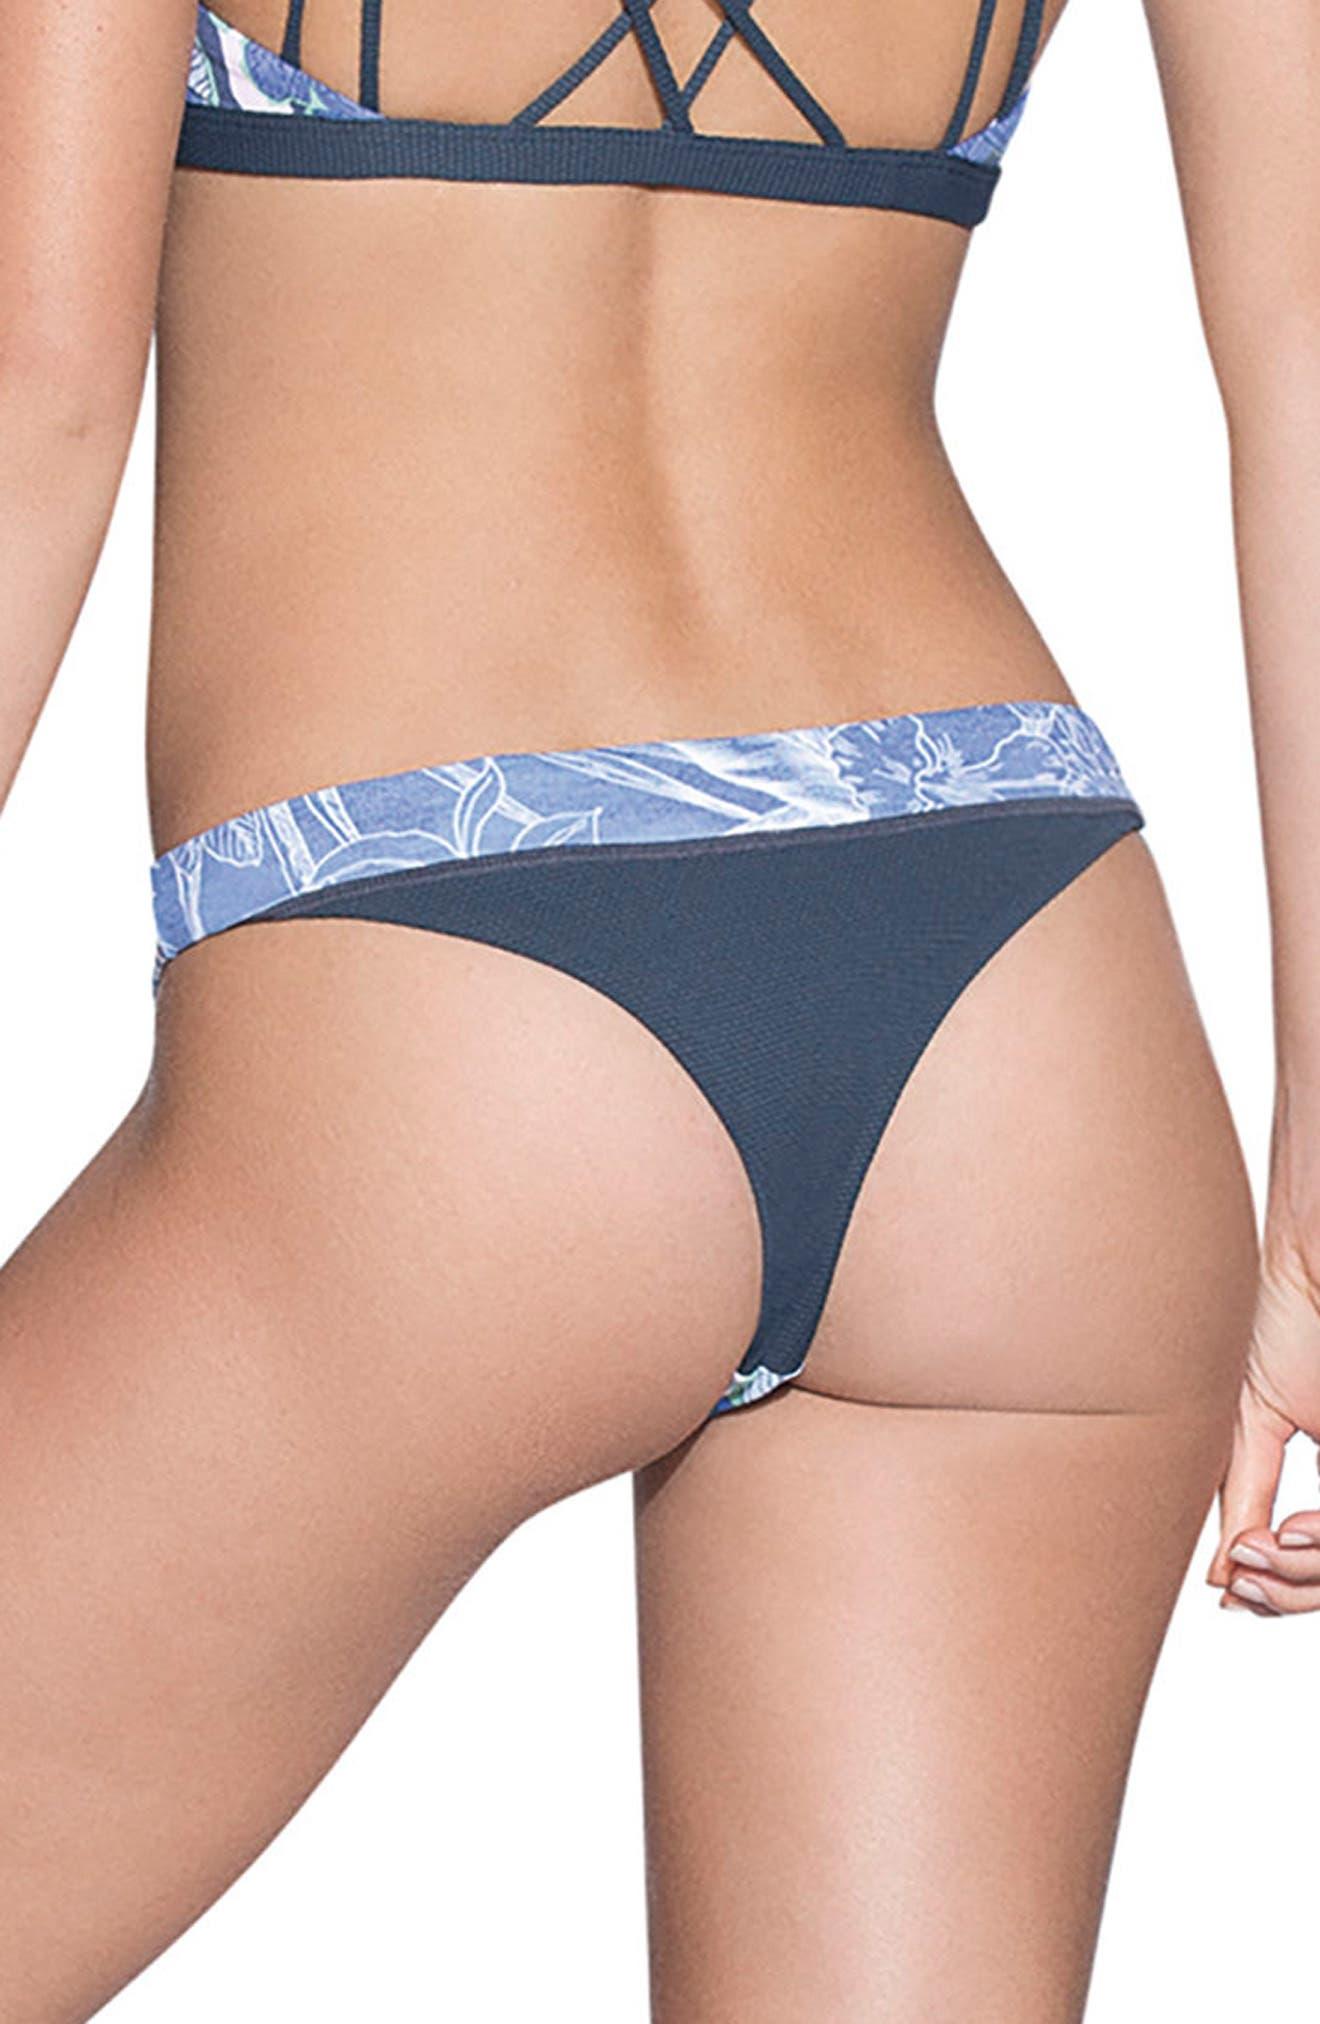 Gorgona Forest Signature Cut Reversible Bikini Bottoms,                             Alternate thumbnail 2, color,